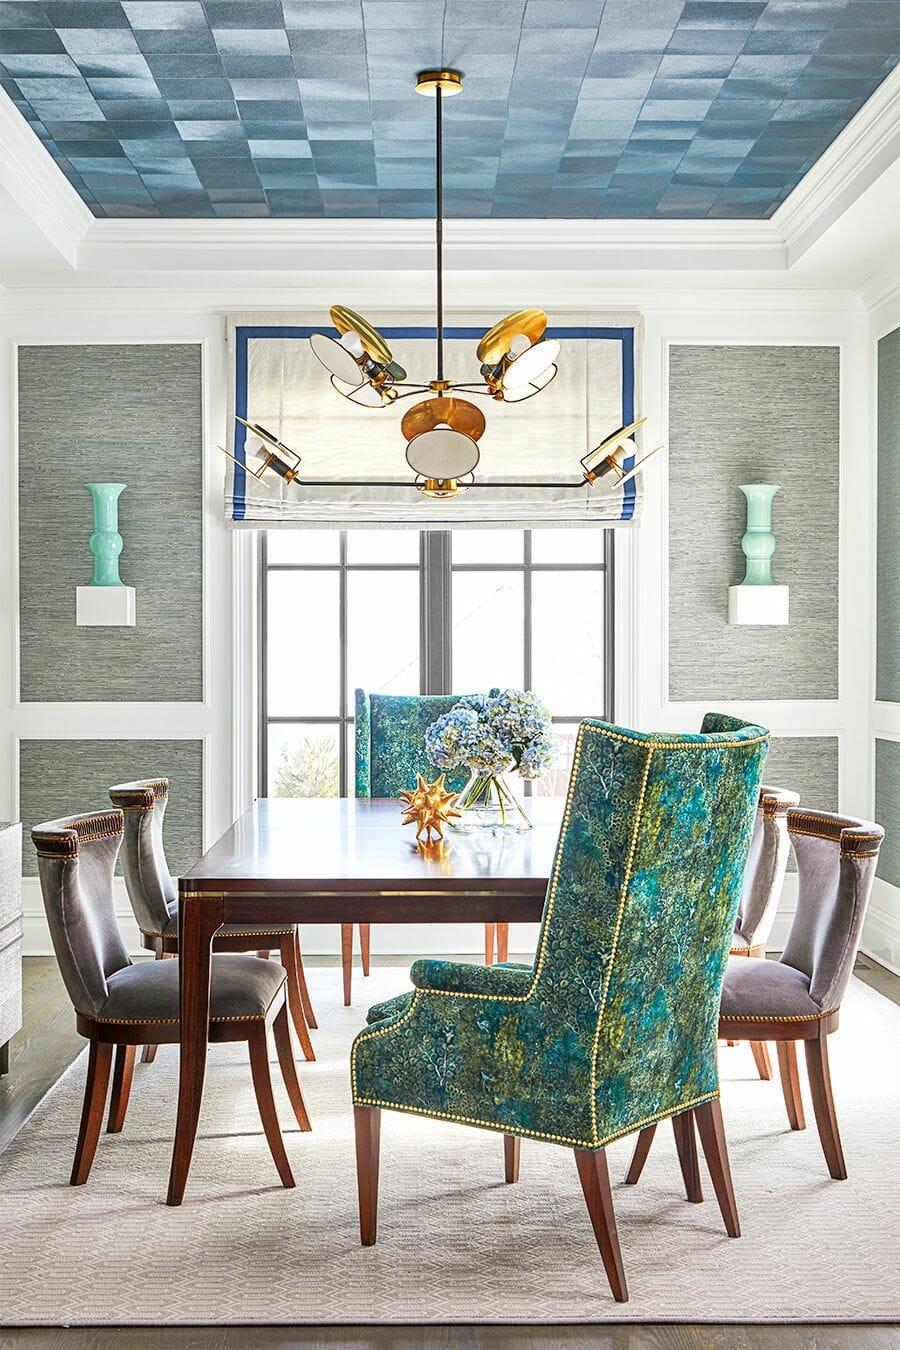 hình ảnh phòng ăn sang trọng nổi bật với ghế tựa màu ngọc lam, kệ nổi đặt bình hoa, đèn thả trần đẹp